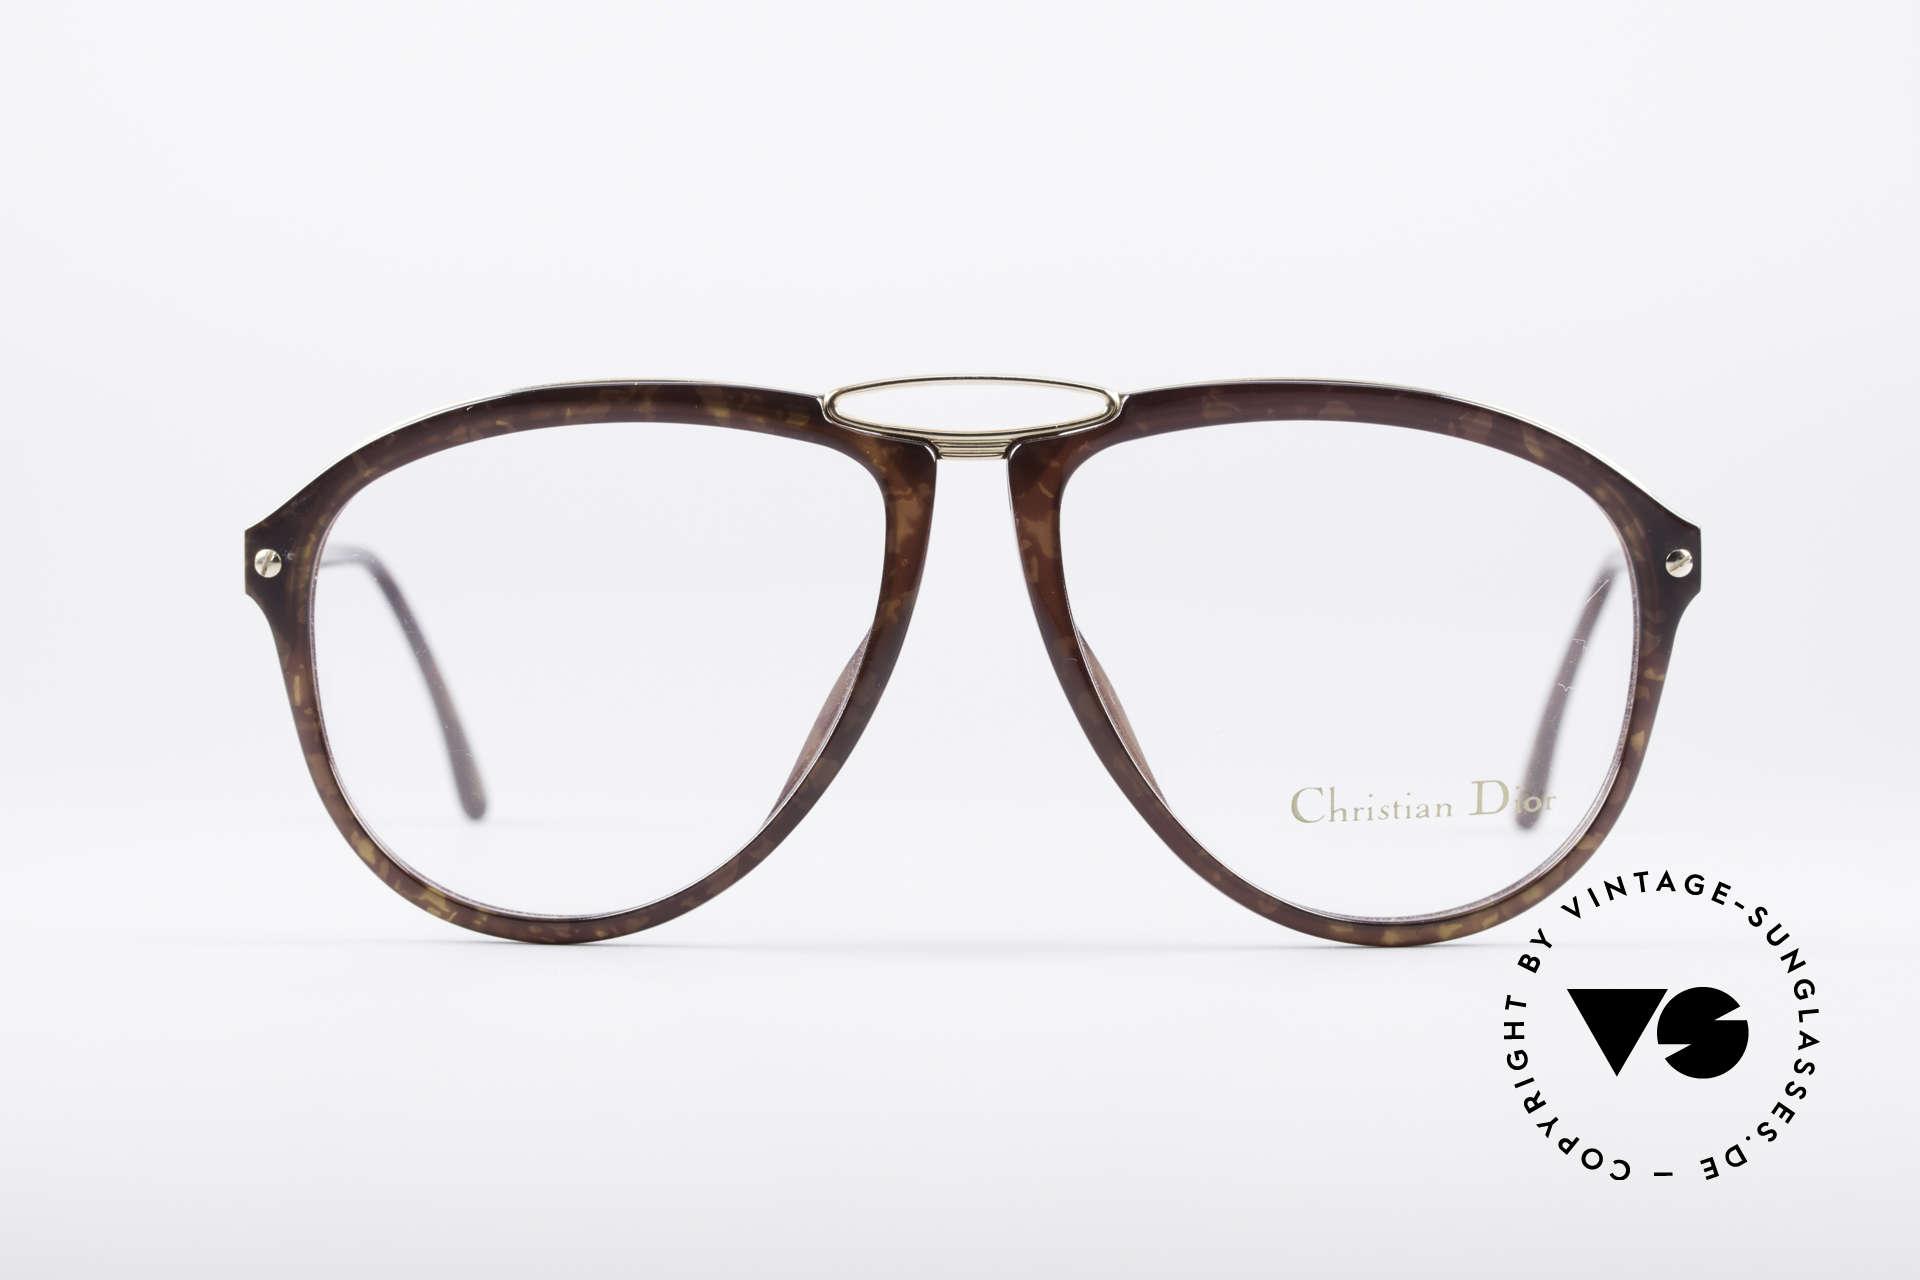 6b462b880a Glasses Christian Dior 2523 80 s No Retro Glasses